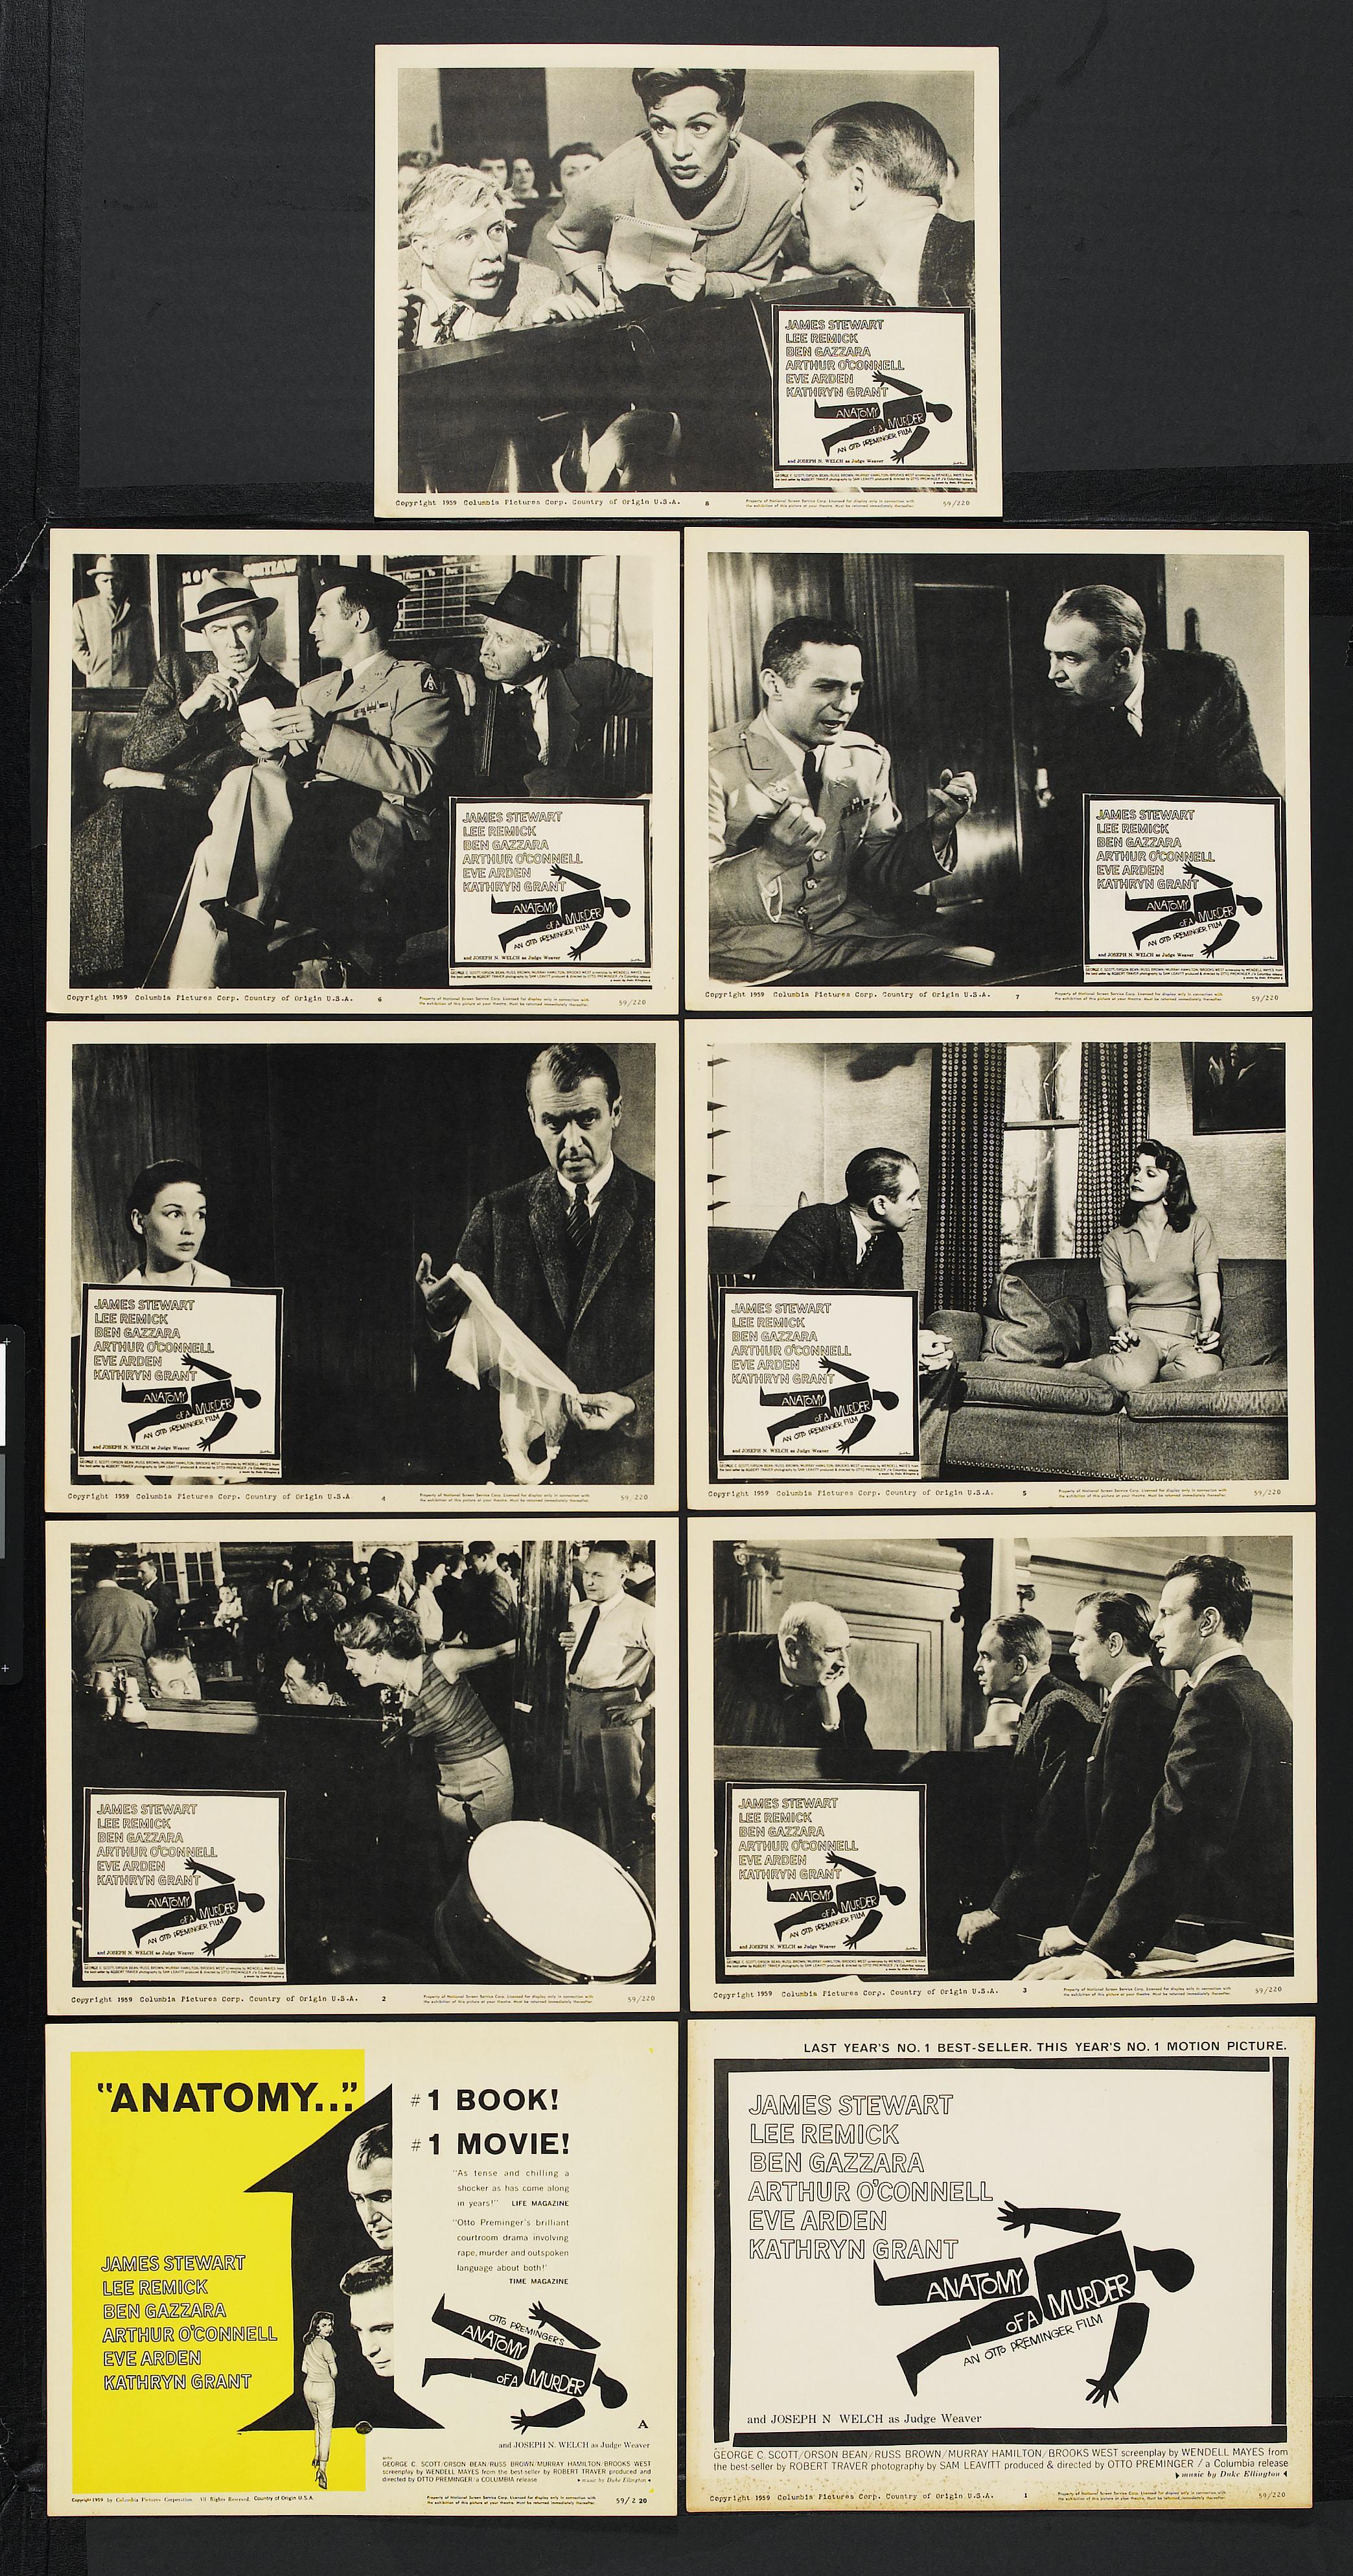 Una Pagina de Cine 1959 Anatomia de un asesinato (ing) (lc).jpg